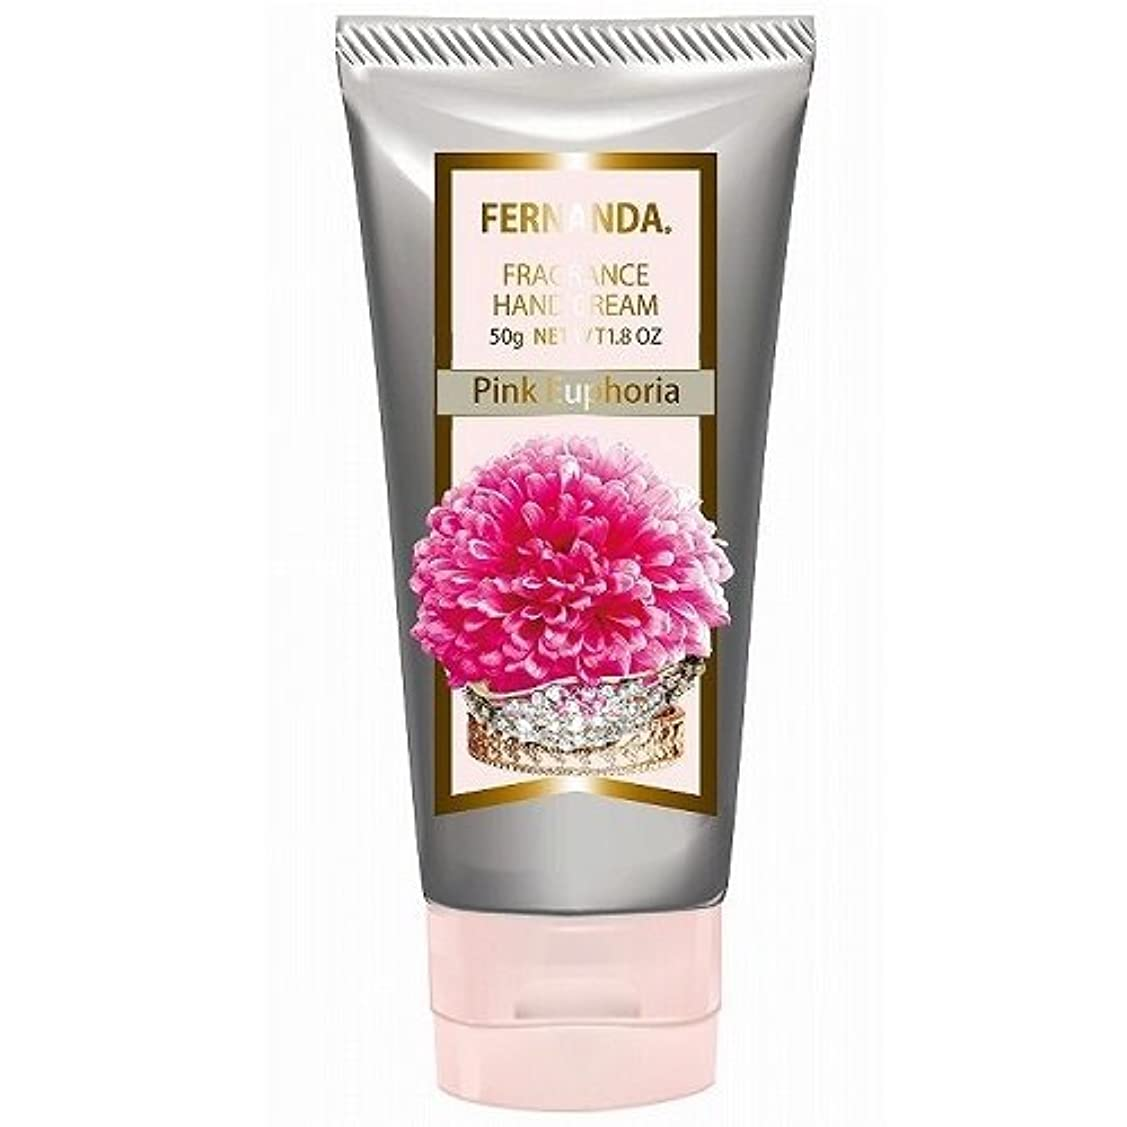 予防接種真向こう簡略化するFERNANDA(フェルナンダ) Hand Cream Pink Euphoria (ハンドクリーム ピンクエウフォリア)